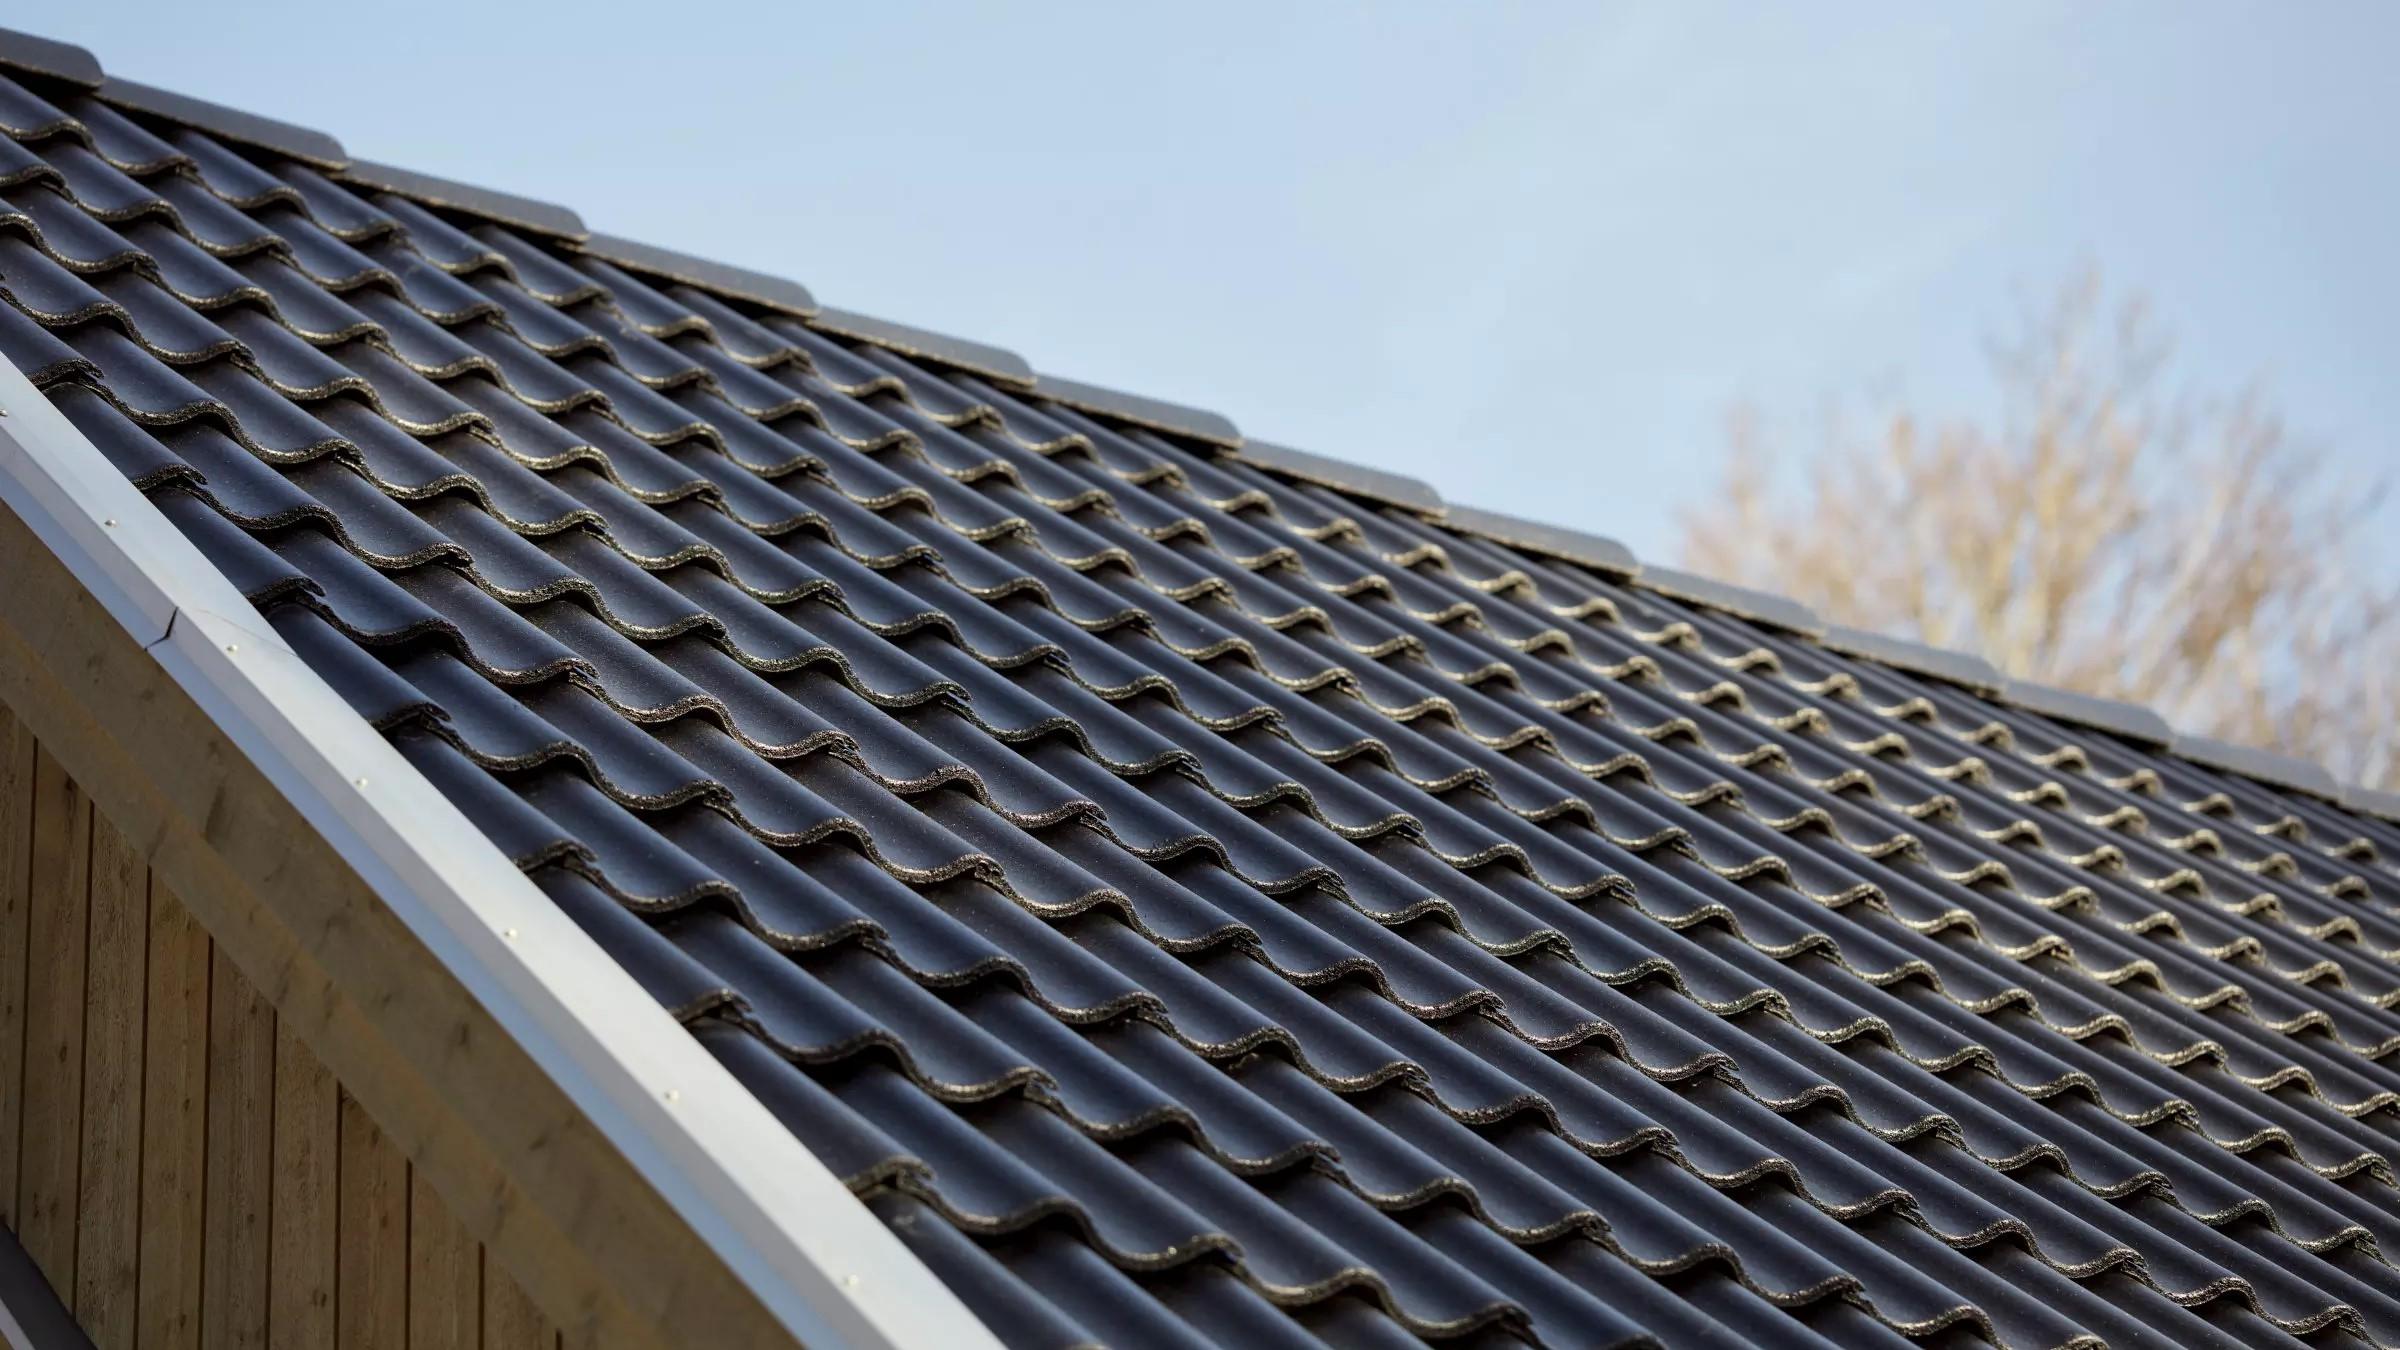 Aerlox-kattotiili on perinteikkään ulkonäkönsä lisäksi kevyt ja kestävä uuden betoniseoksen ansiosta.